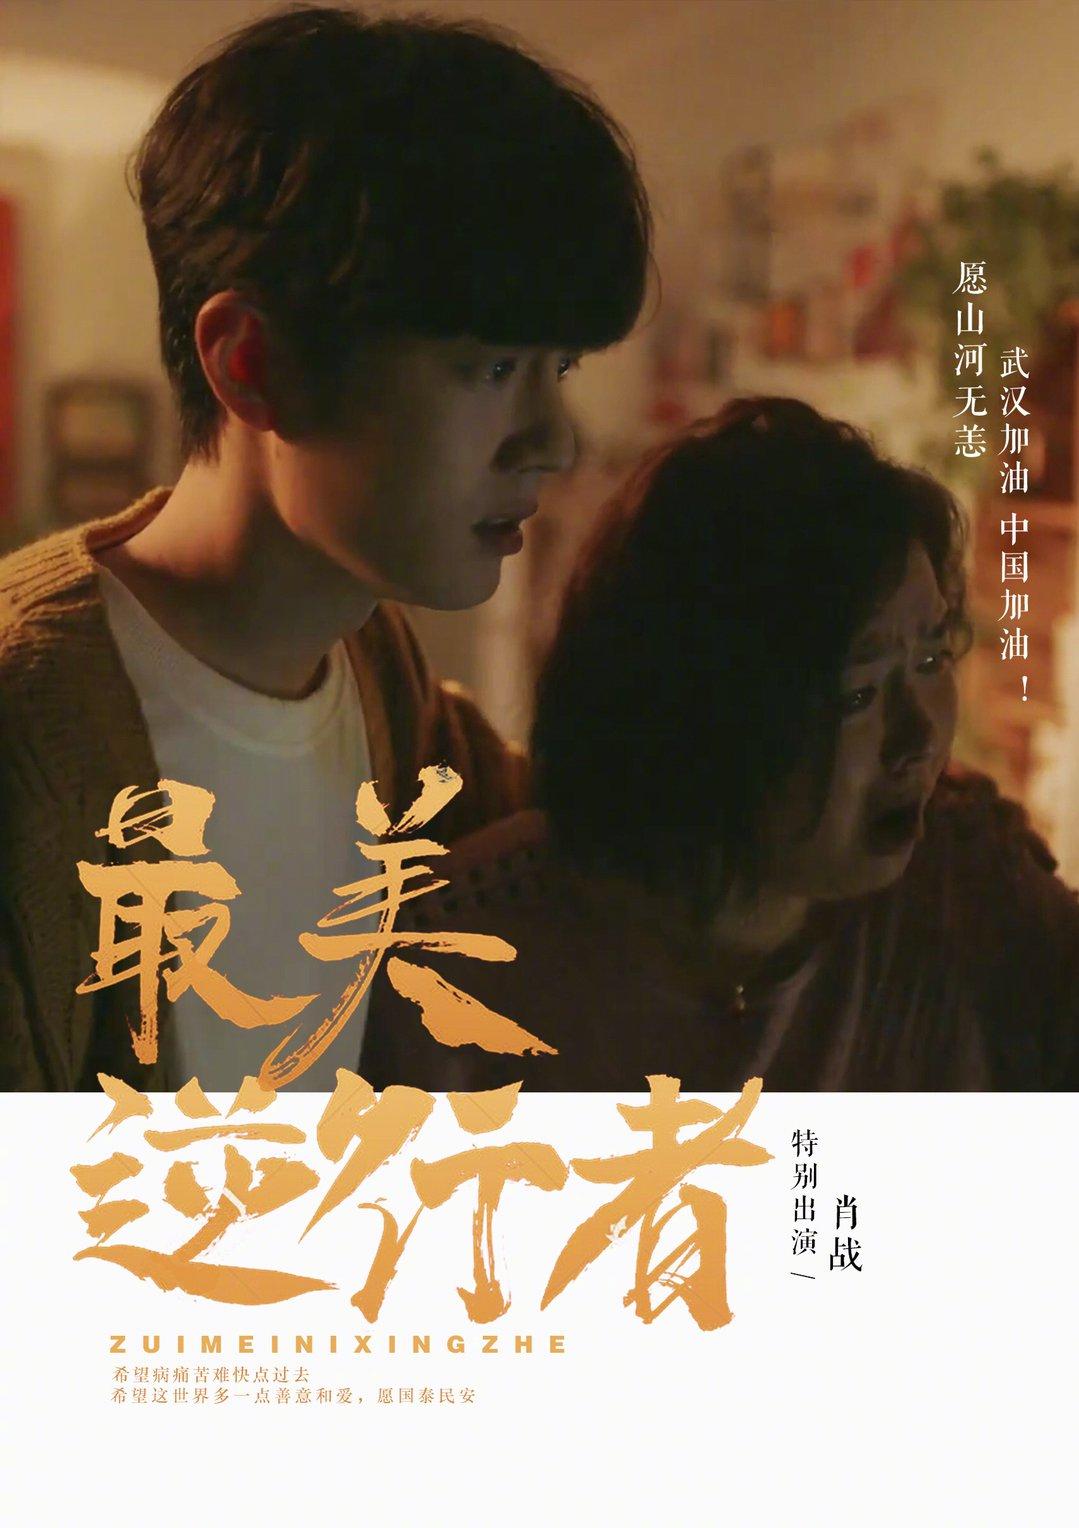 最美逆行者肖战短寸造型曝光,神似杨洋,刘宇宁献唱主题曲